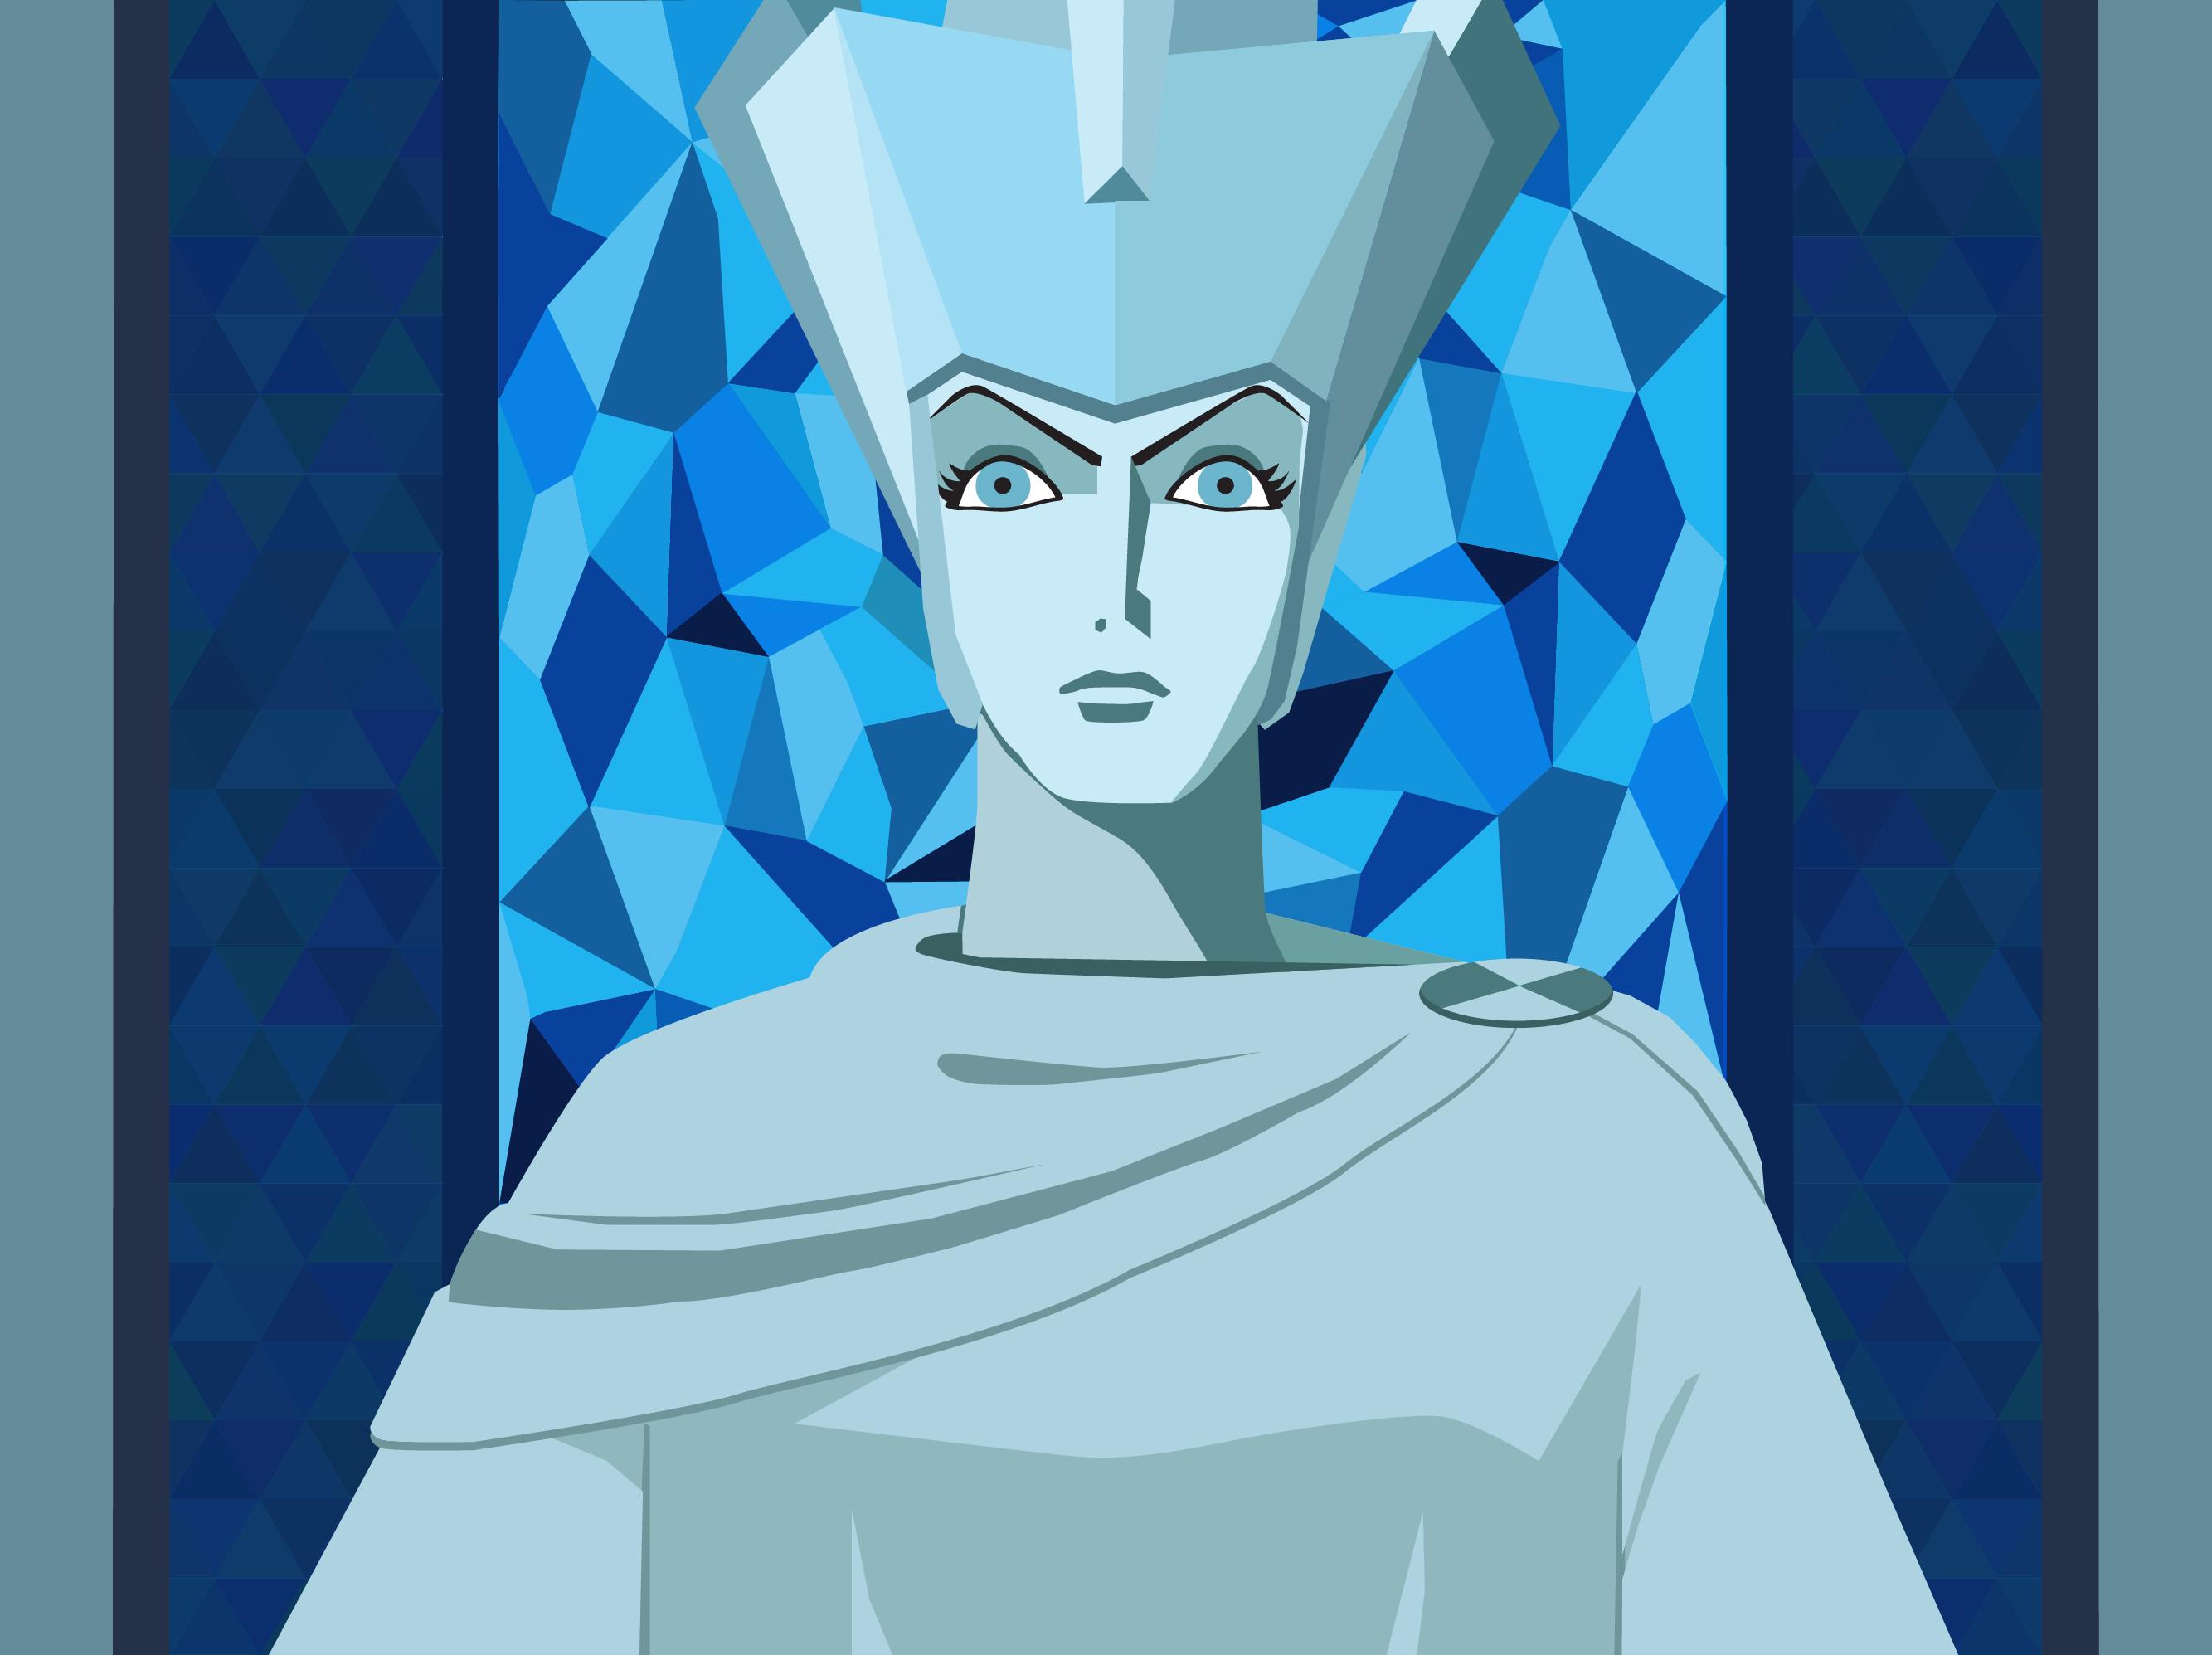 Королева картинки из мультиков